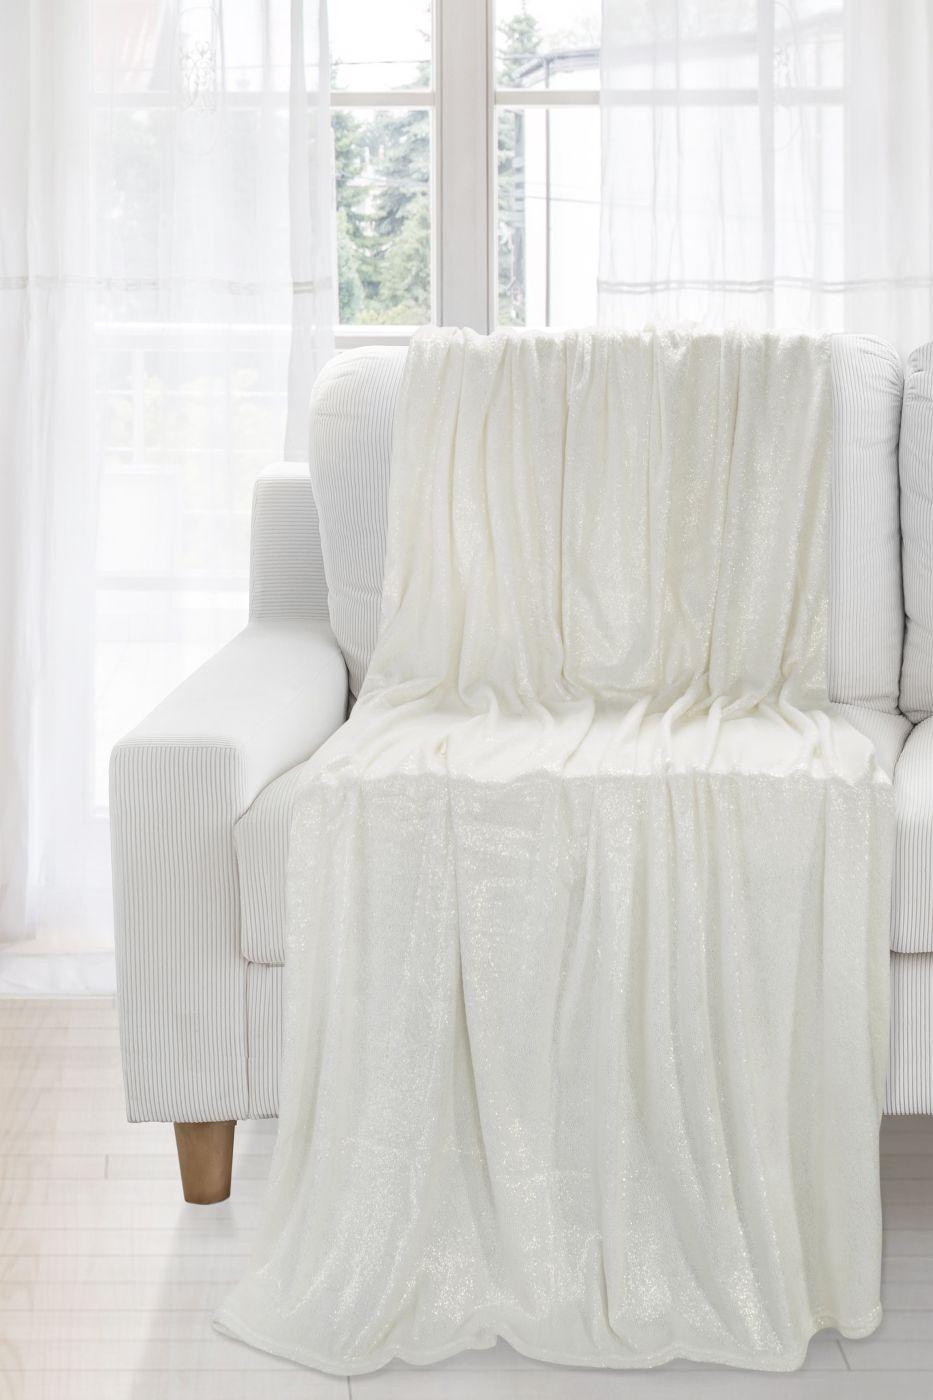 Patura Daisy White / Silver 150 x 200 cm